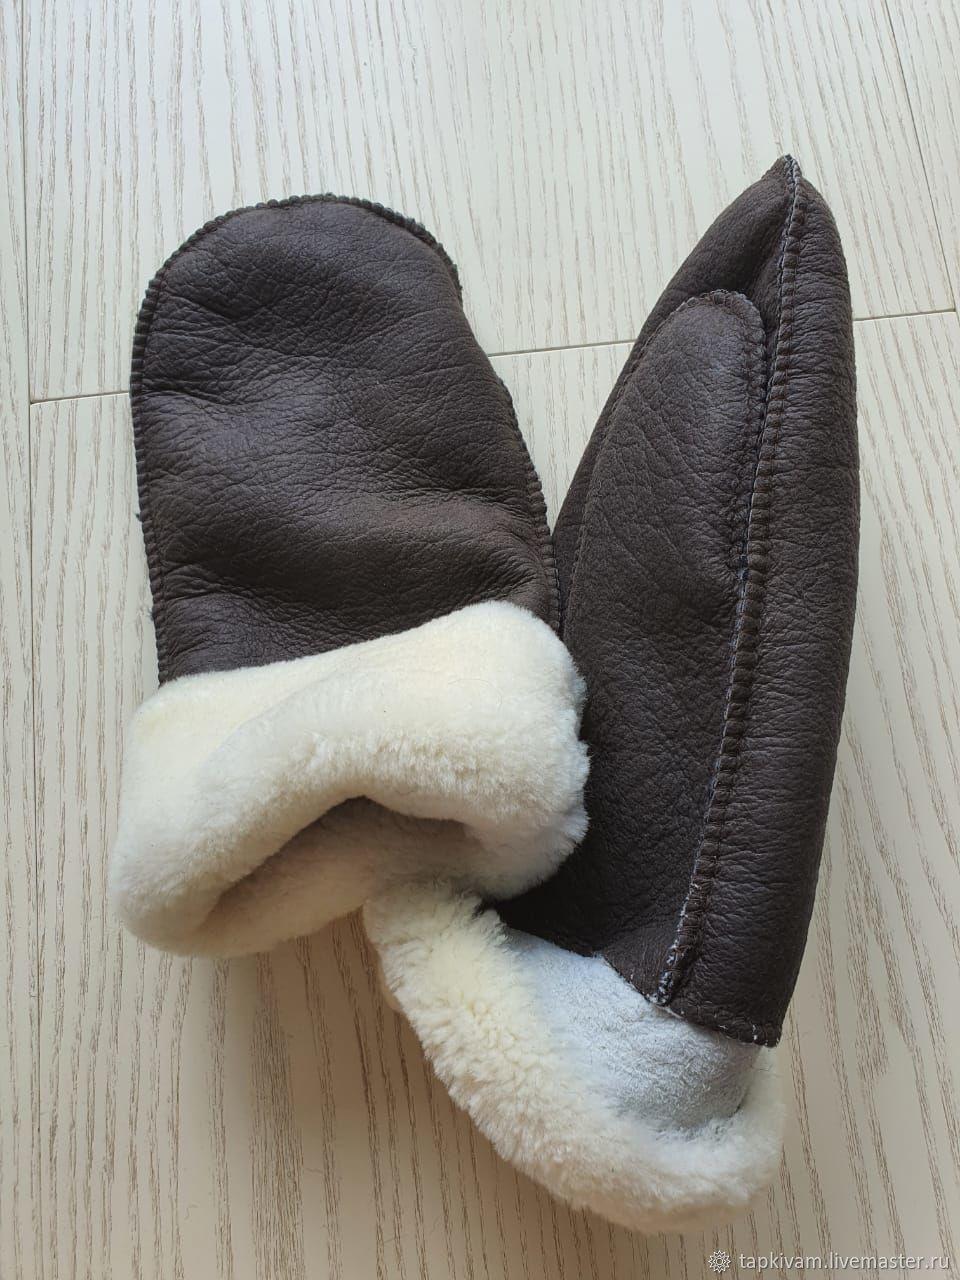 Варежки кожаные из овчины мужские коричневые, Варежки, Москва,  Фото №1